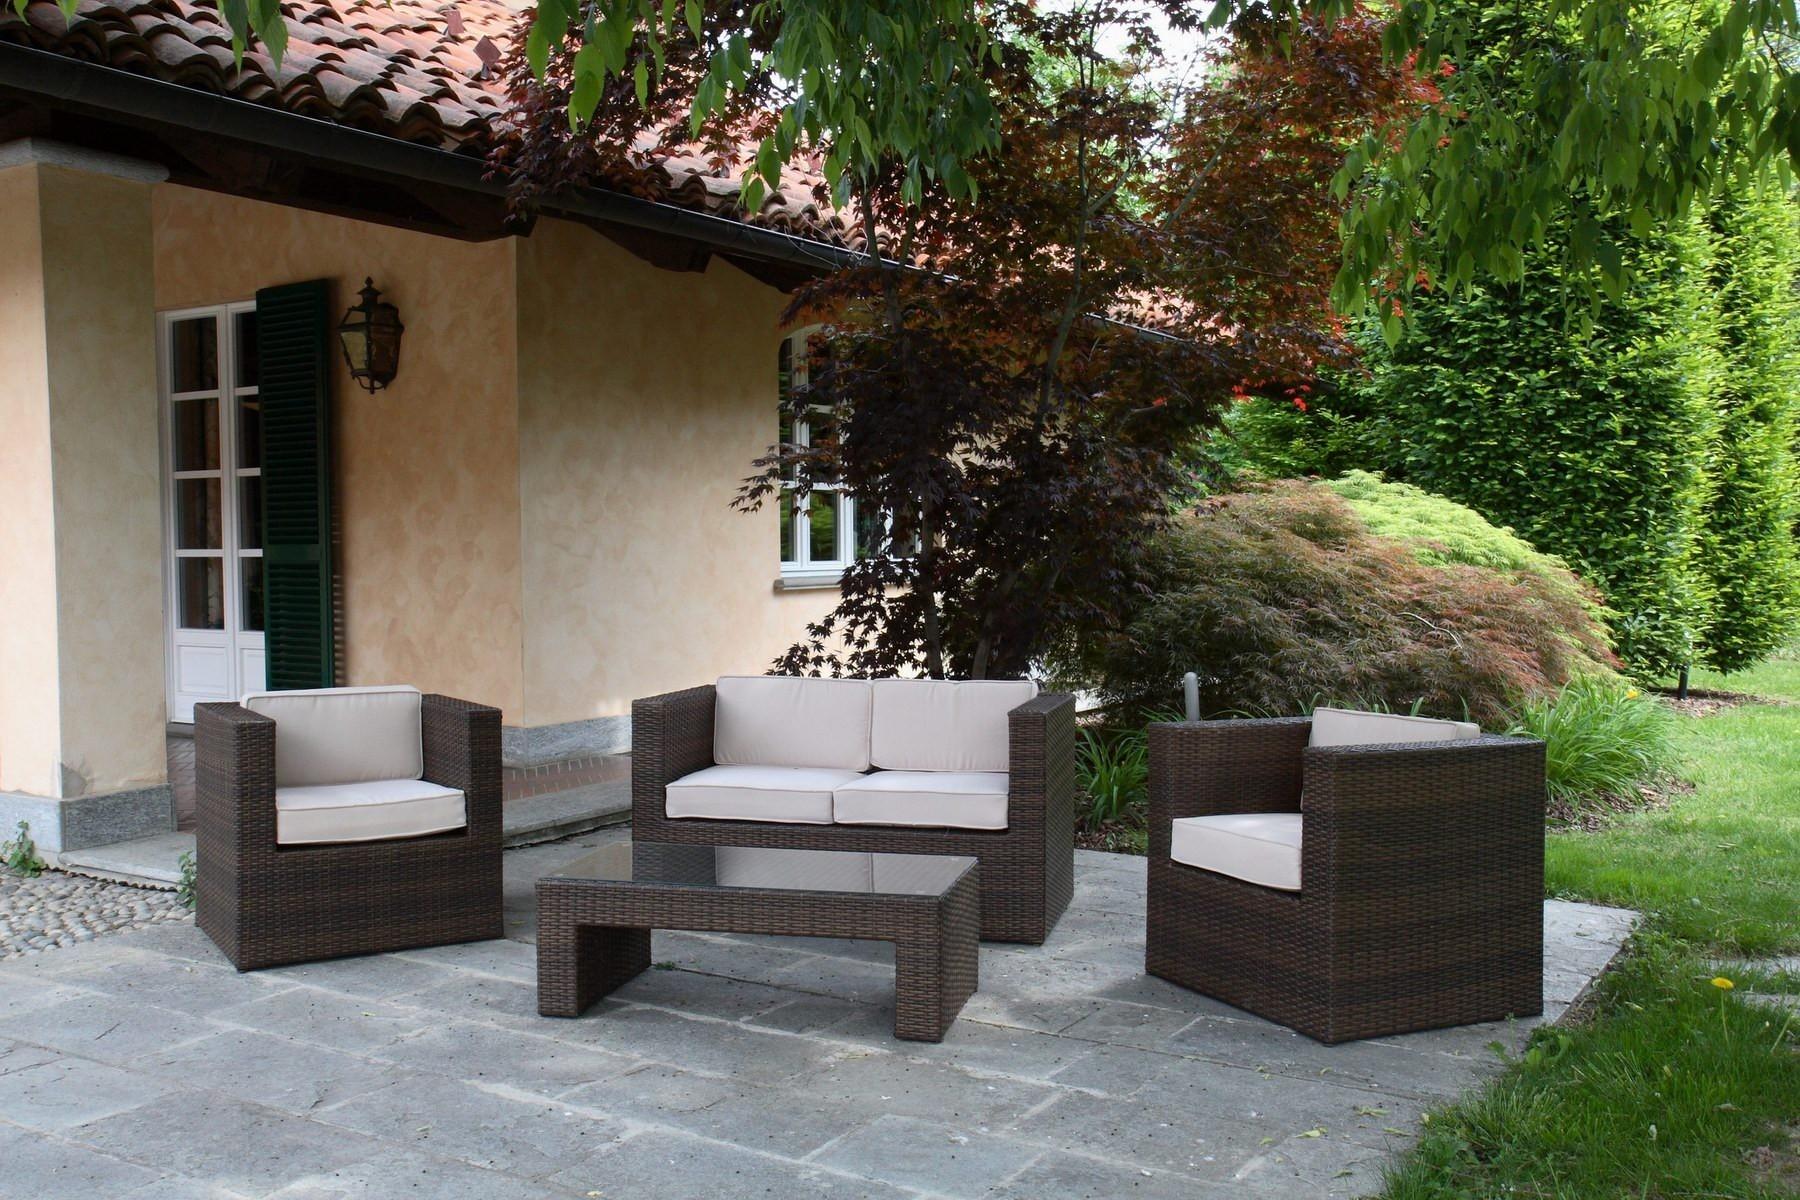 Best offerte mobili da giardino pictures acrylicgiftware - Ikea mobili giardino ...